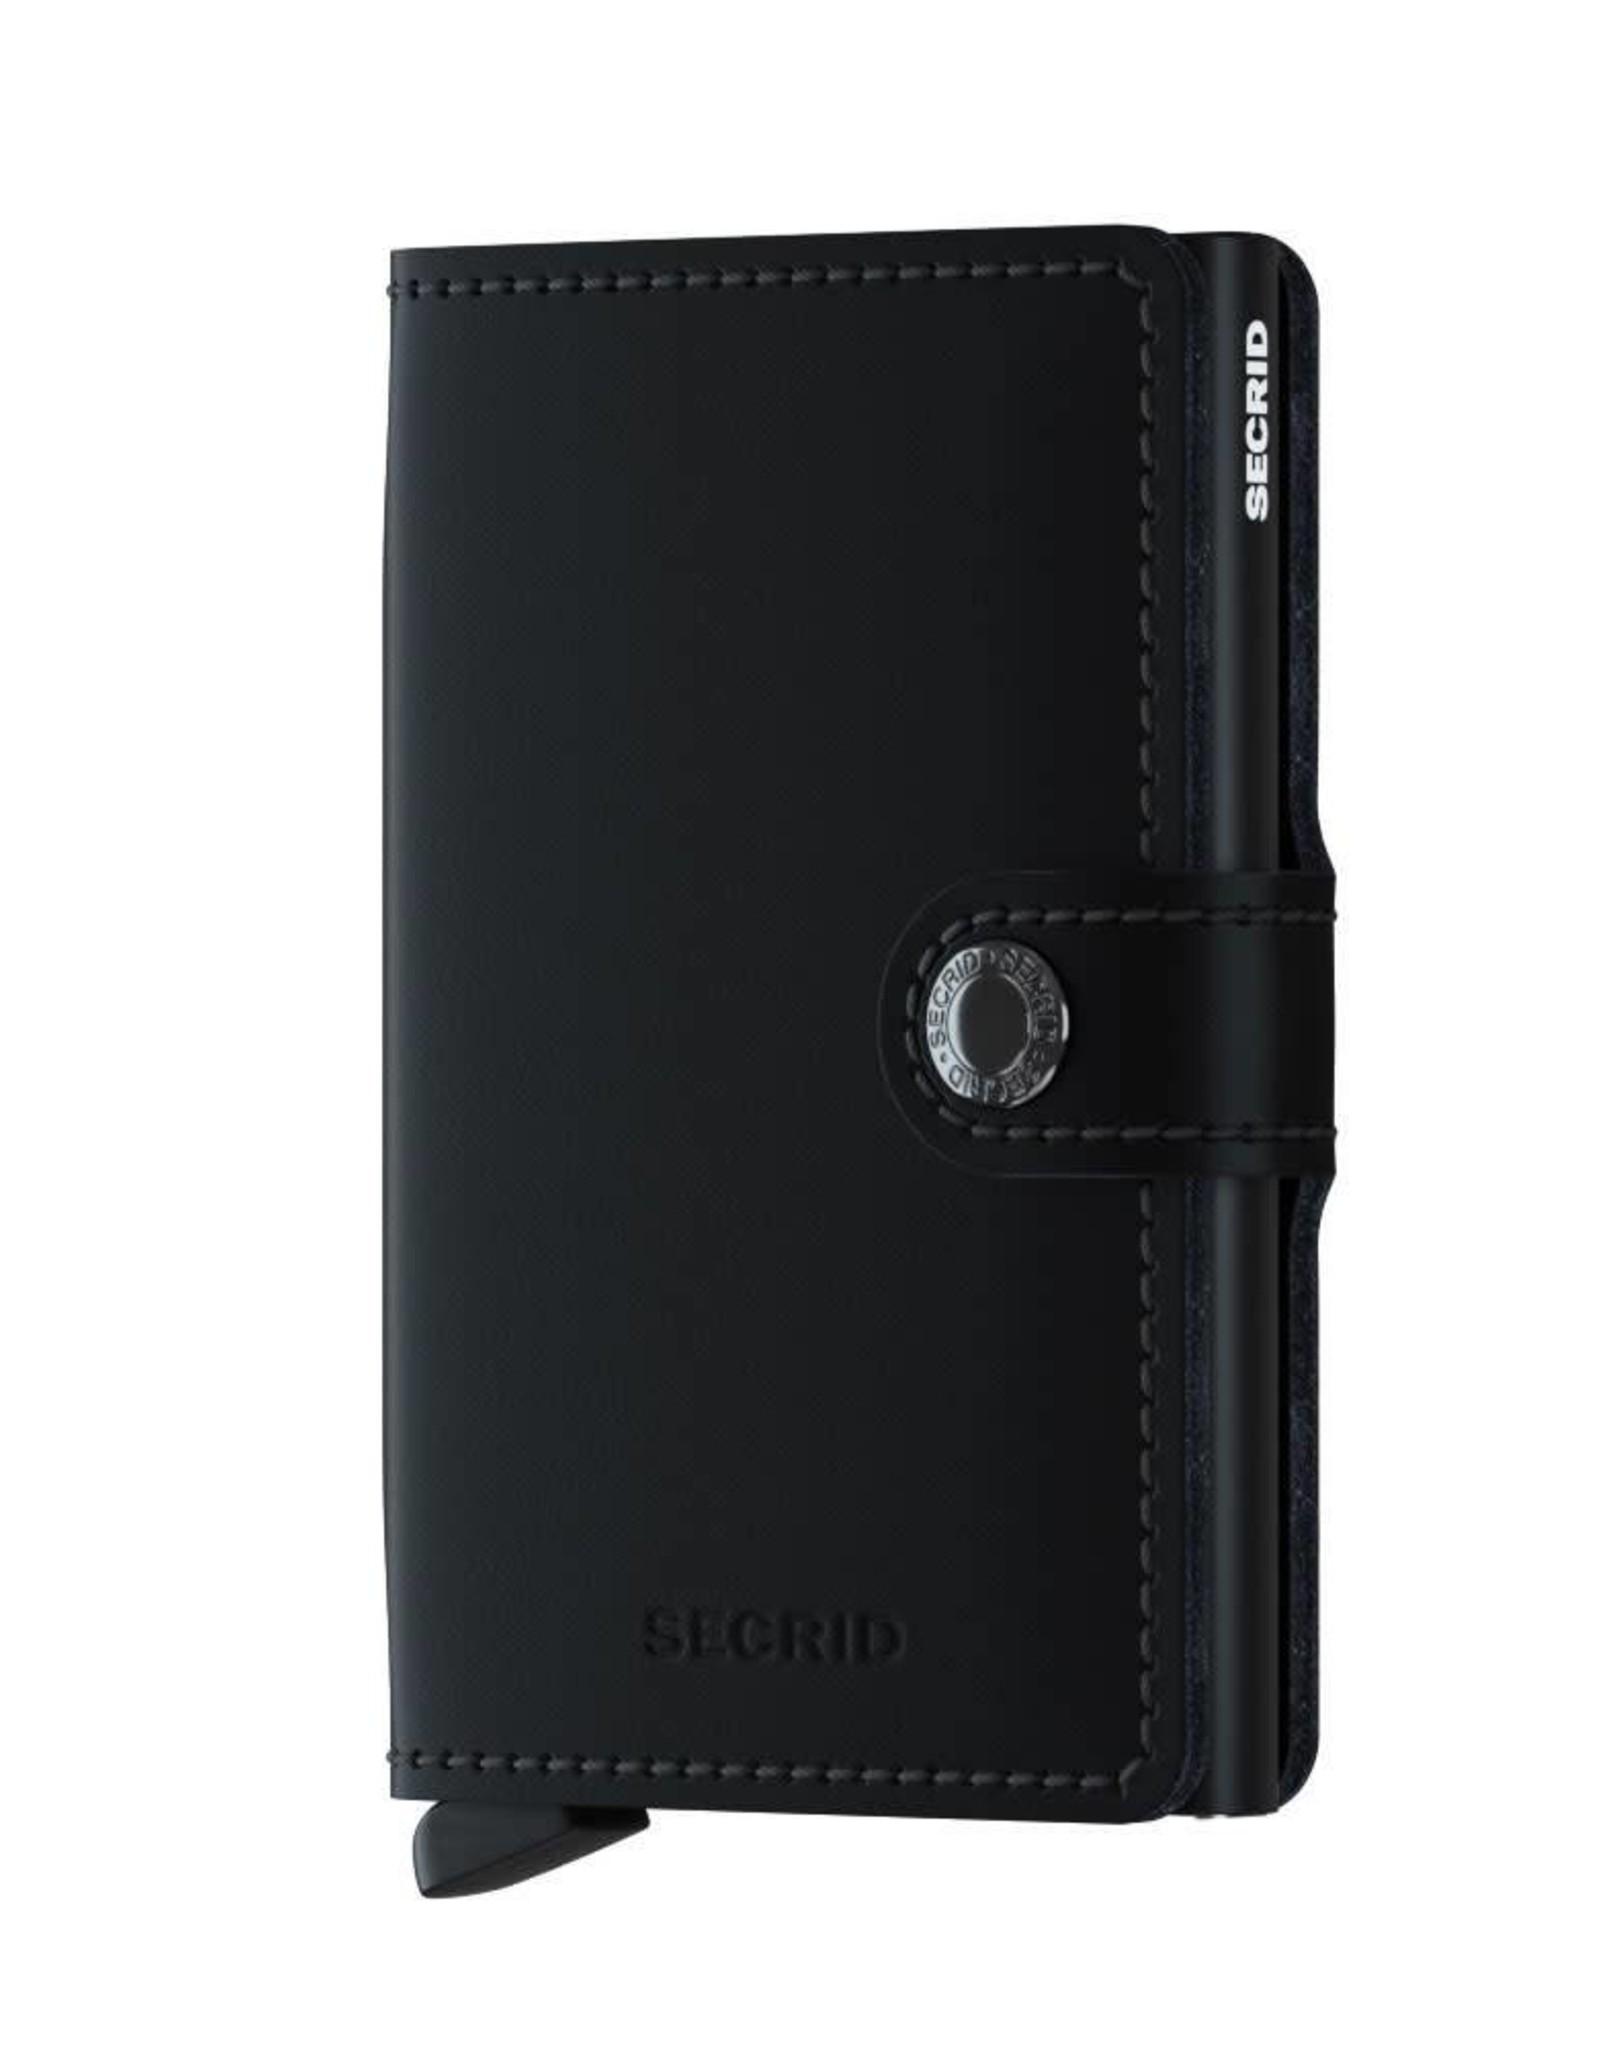 Secrid Miniwallet Matte-black